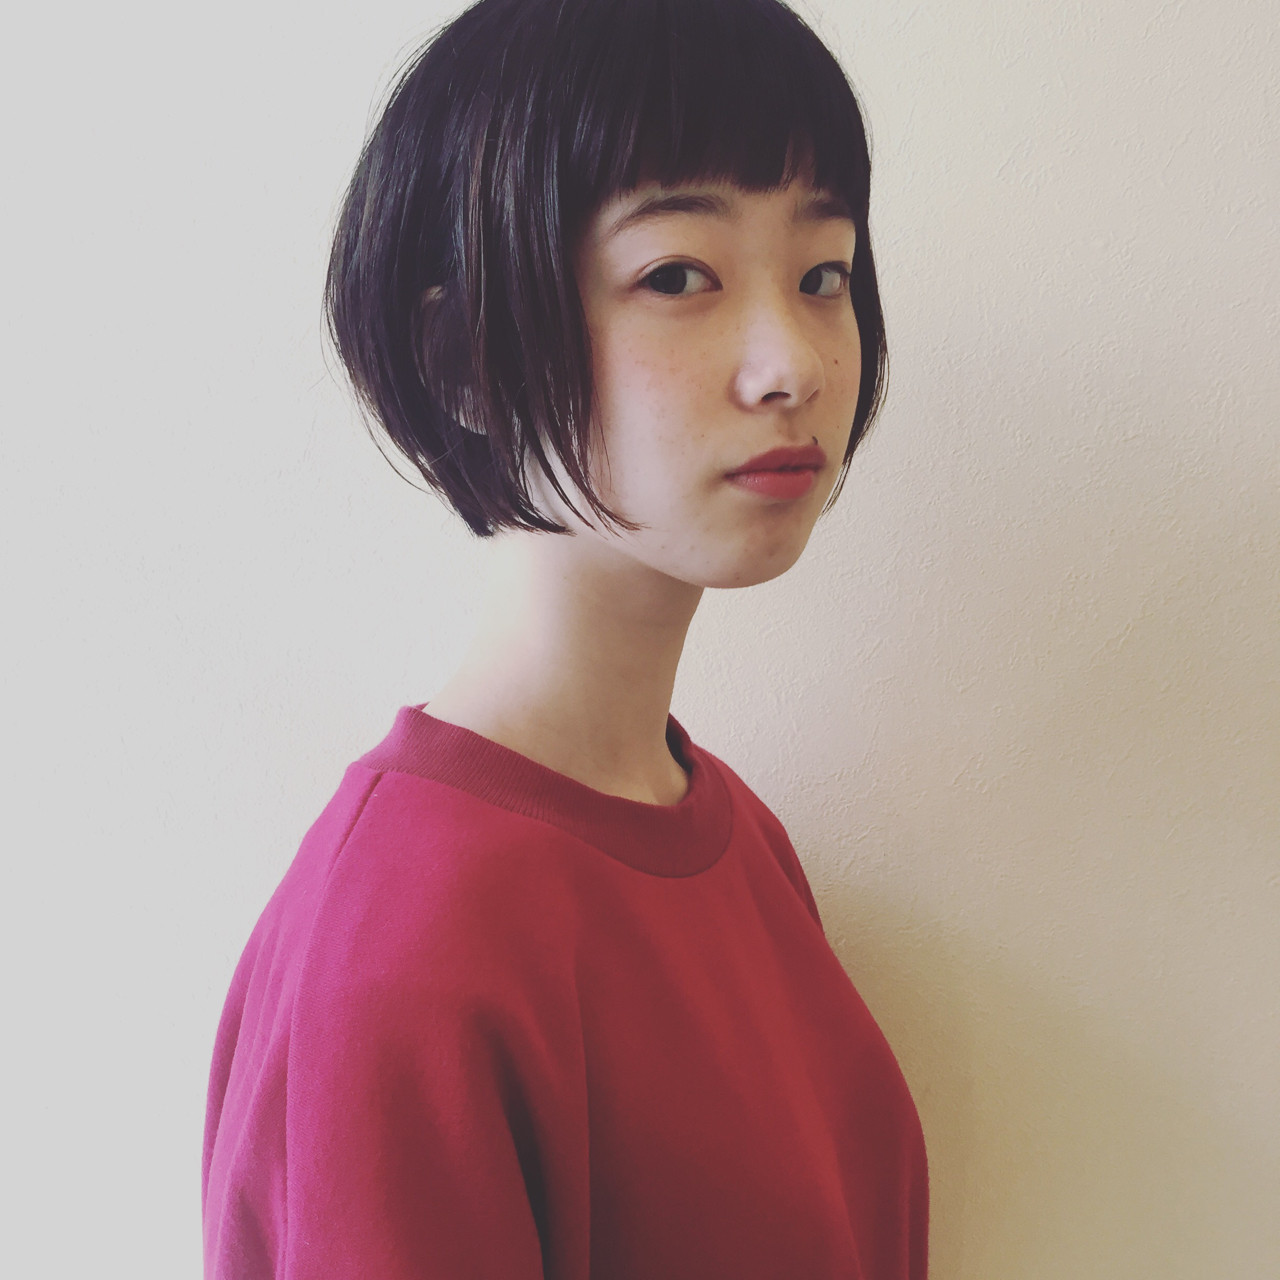 あなたの魅力を最大限引き出す!個性たっぷりぱっつん前髪で楽しむショート 田島 智子  BOB